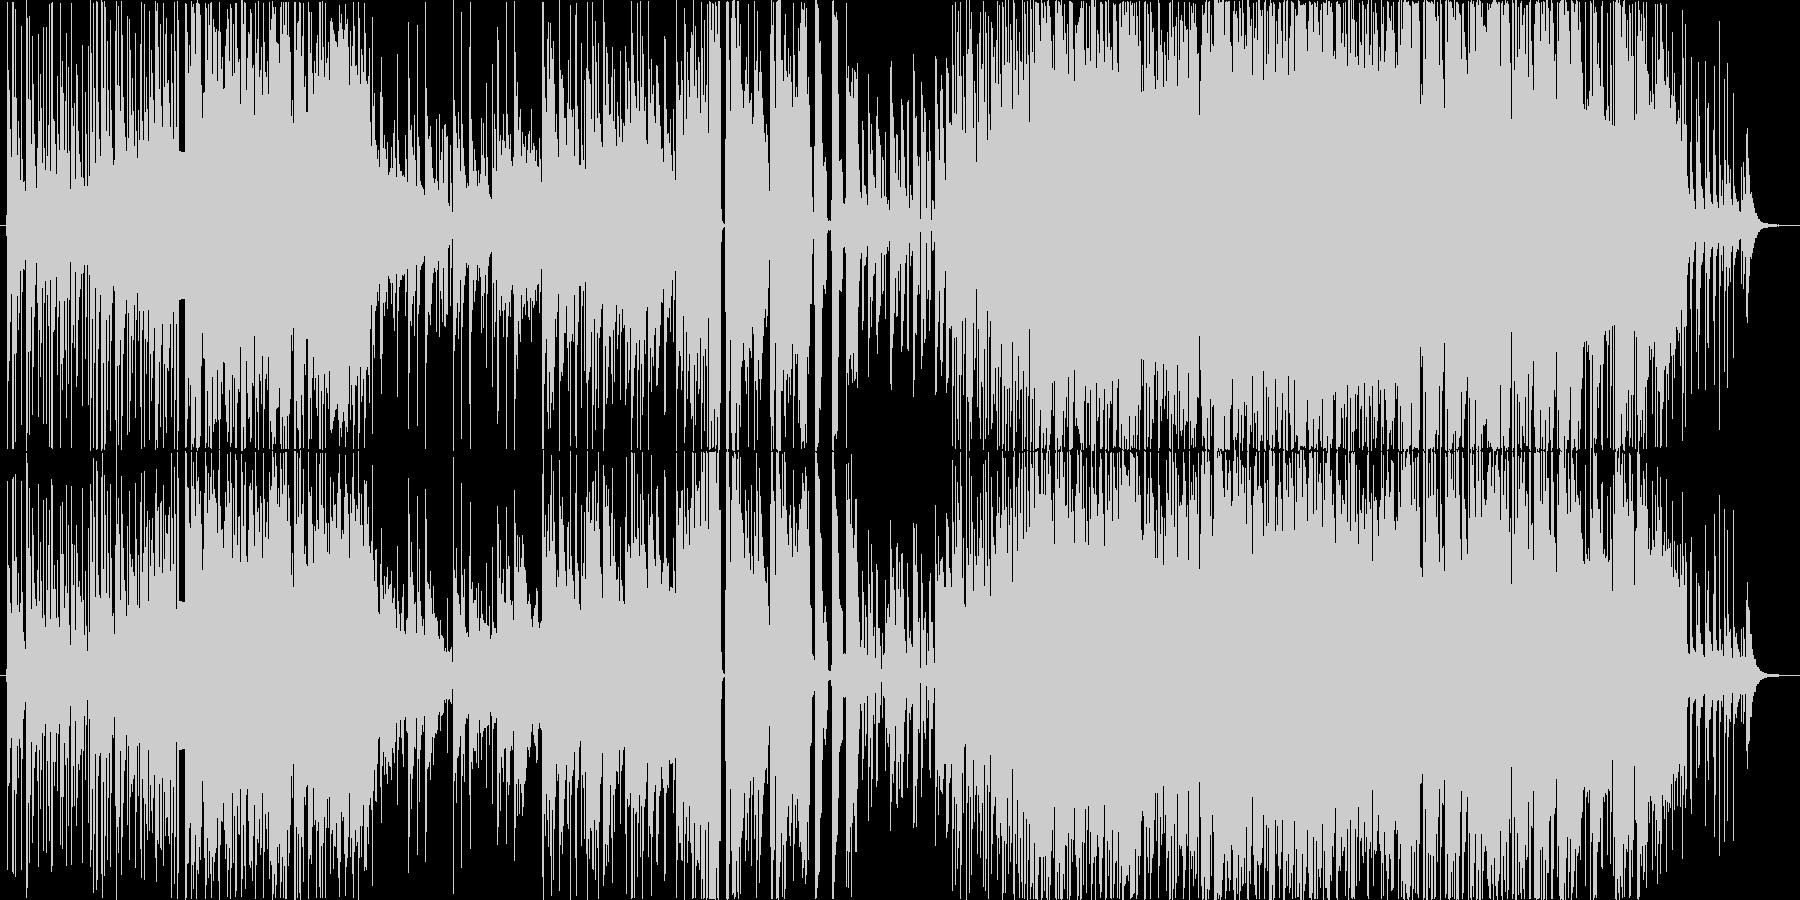 激しくダークな三味線ロックの未再生の波形